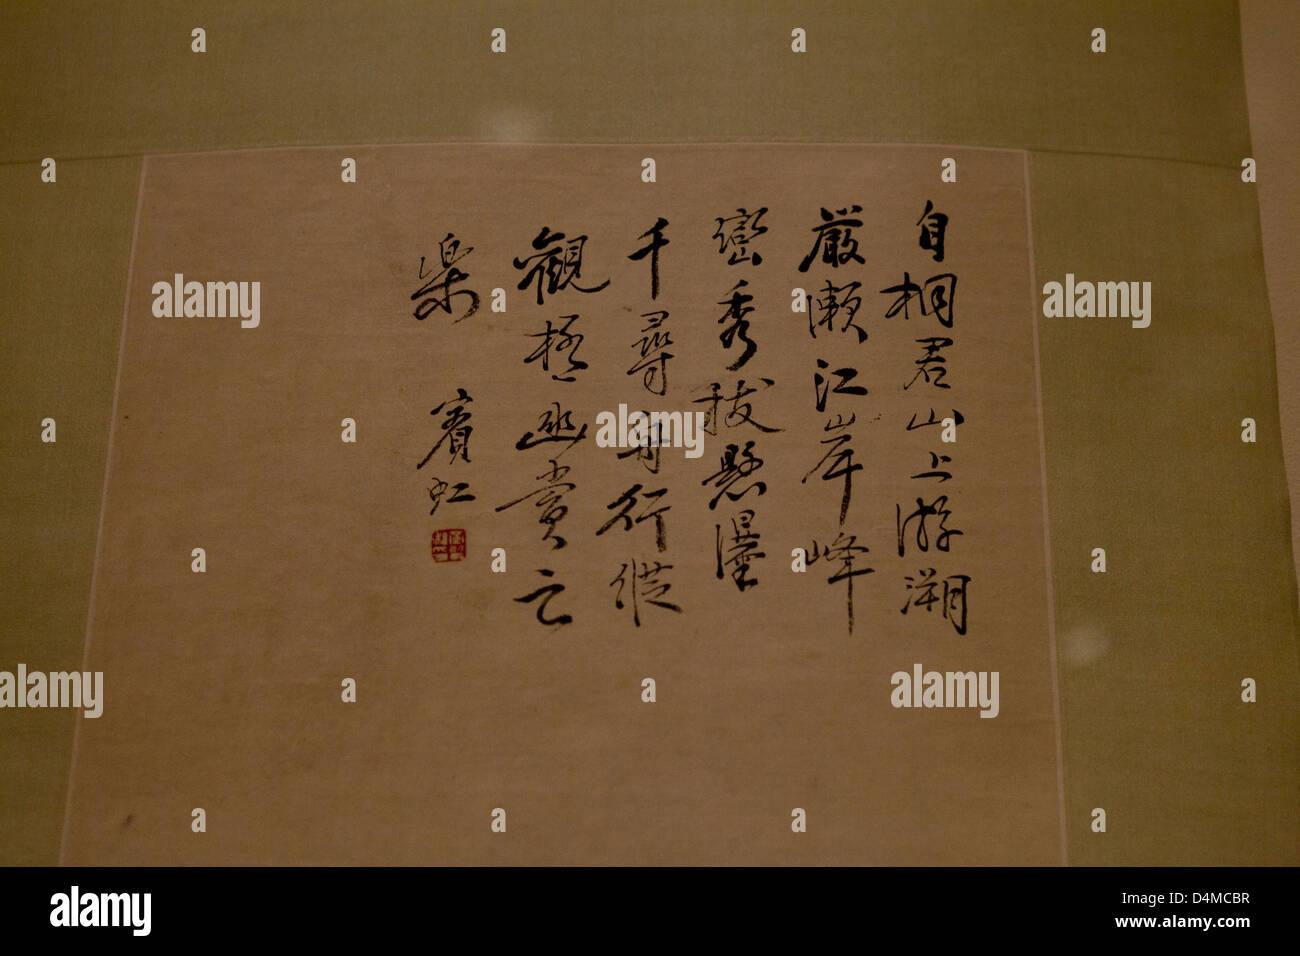 Poema chino caligrafía escrita en letra cursiva script Imagen De Stock